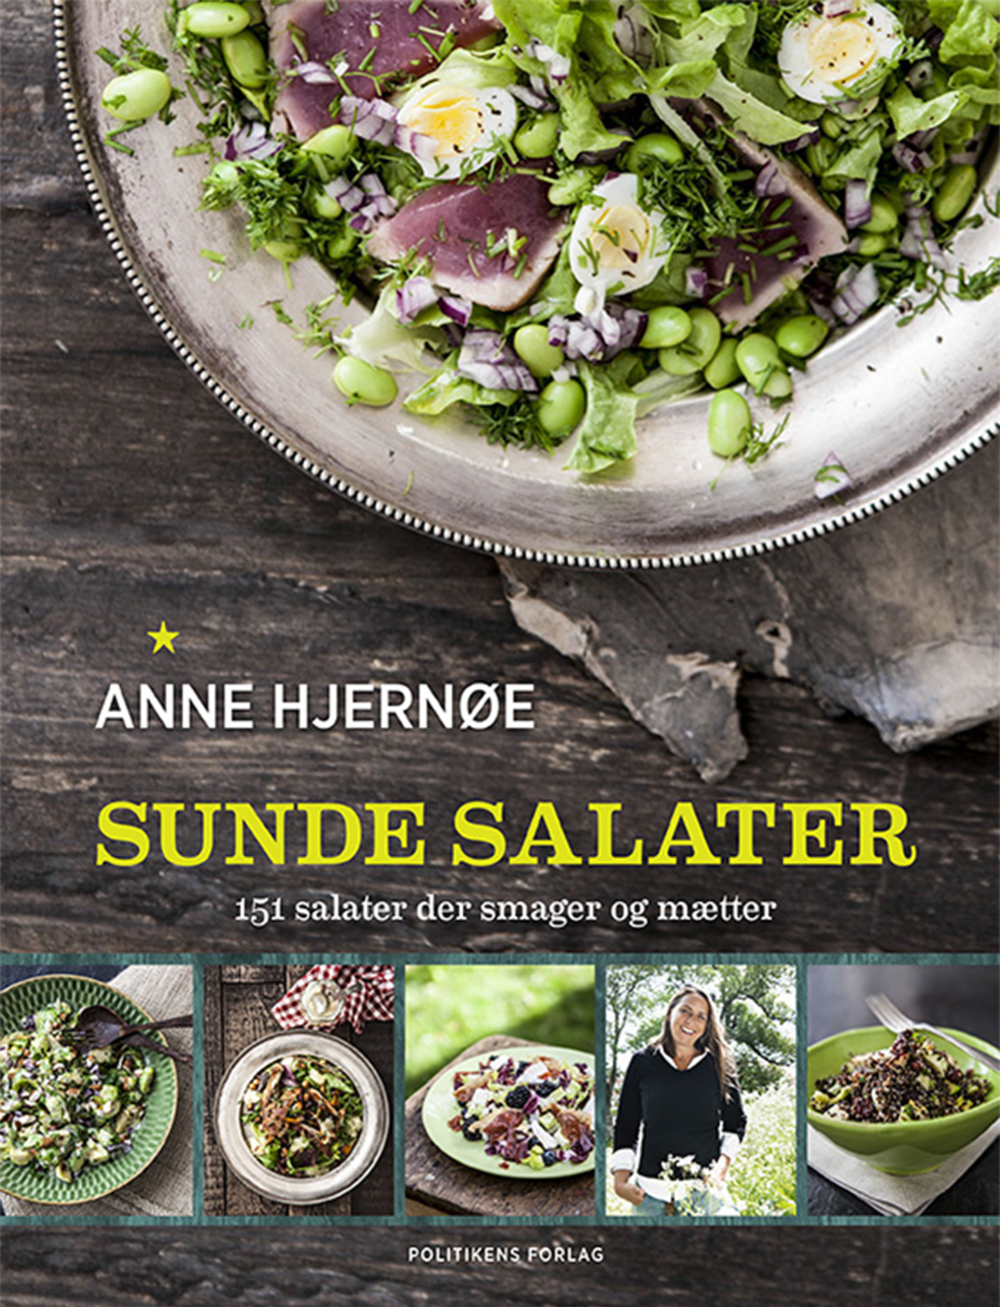 sunde_salater_forside.png